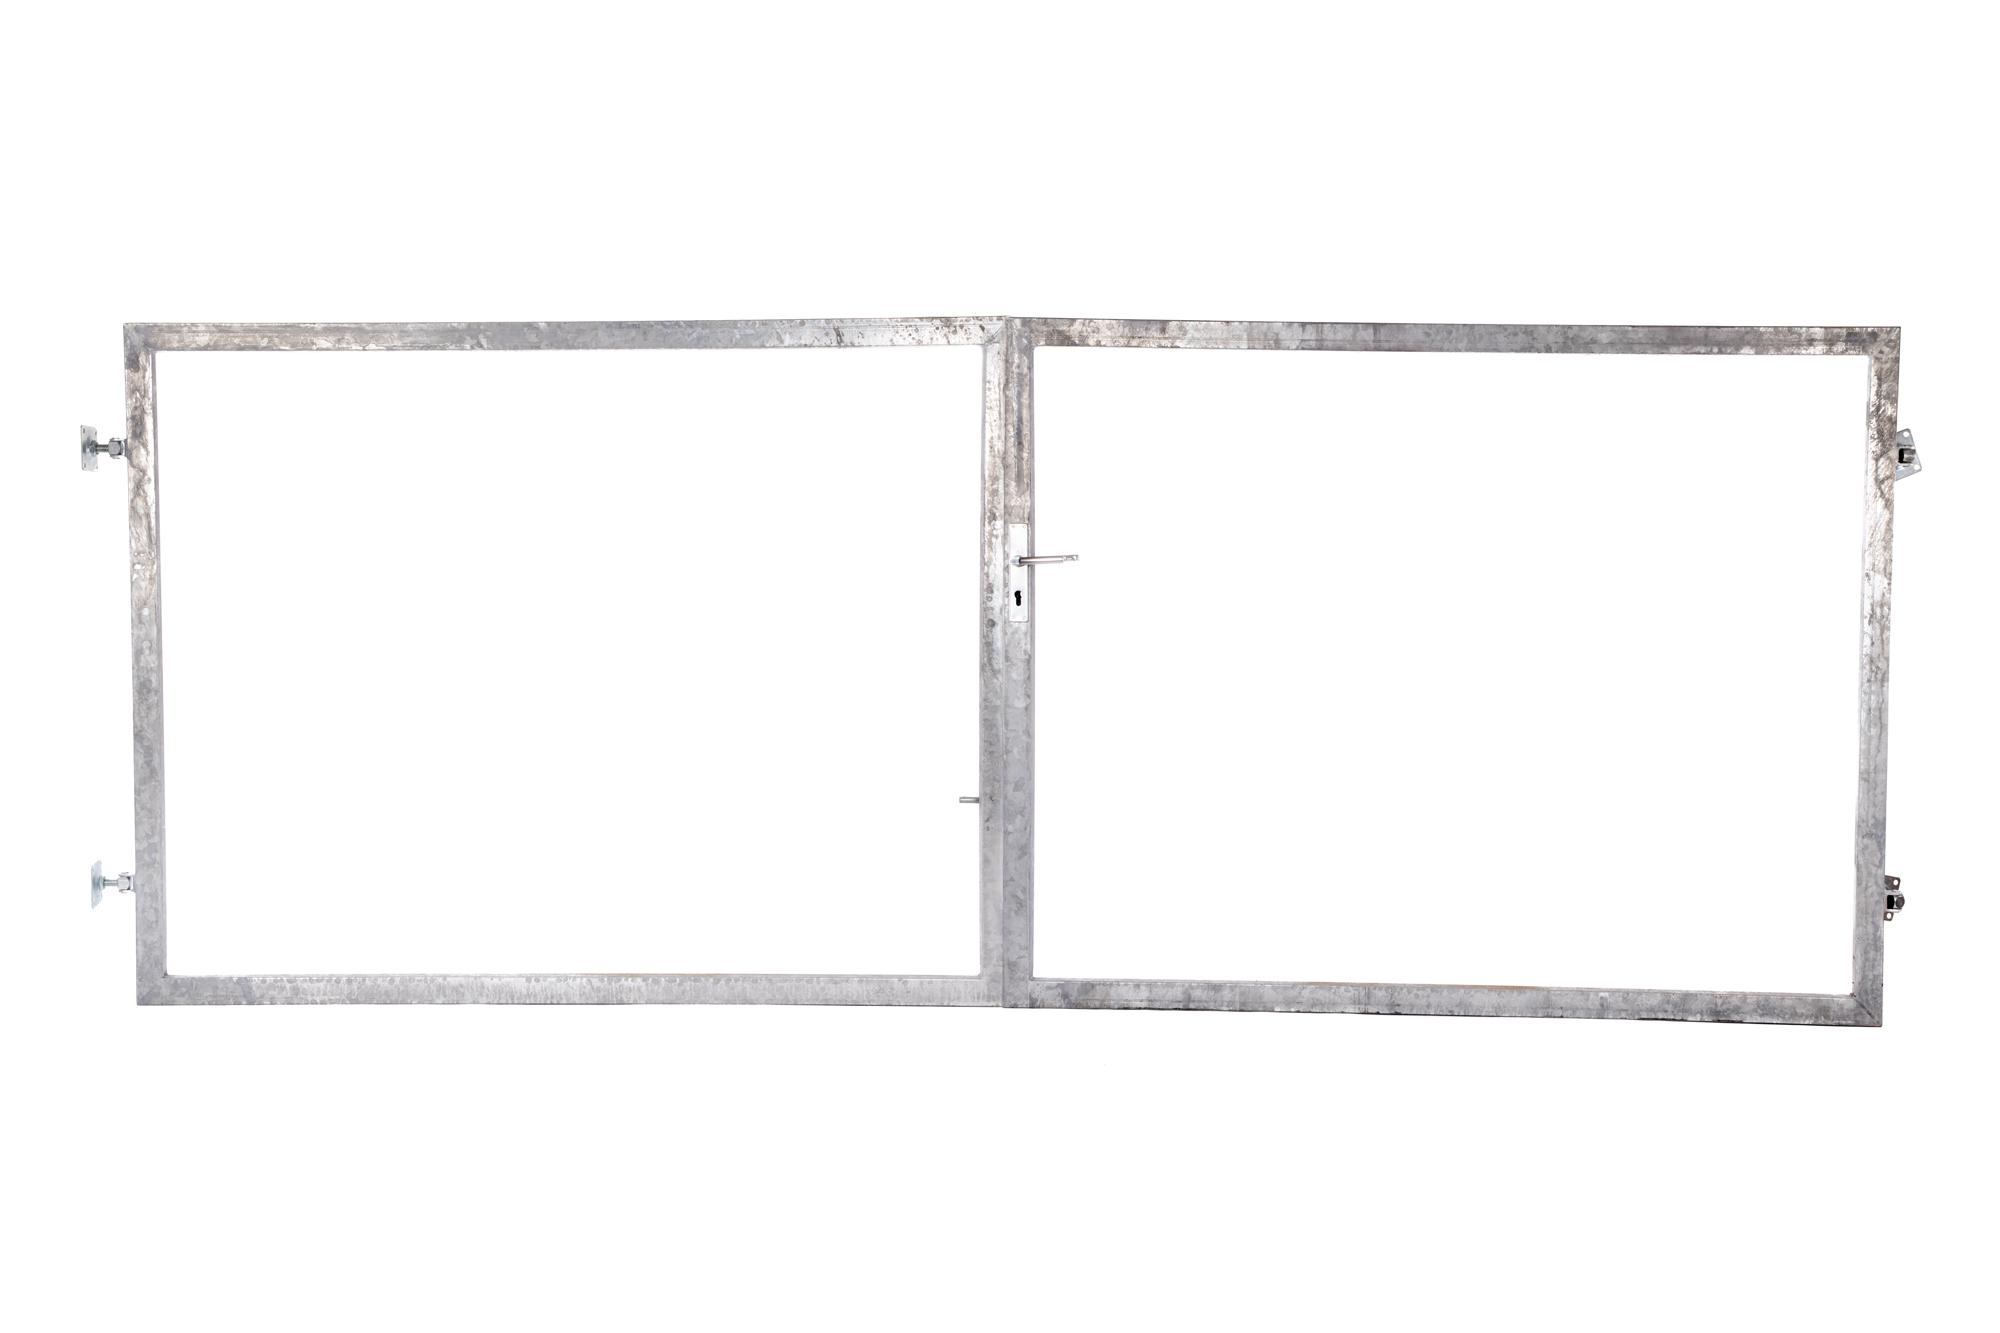 Rám brány pro vlastní výplň v. 1500 mm, bez příčníku balení PLOTY | 4Kg